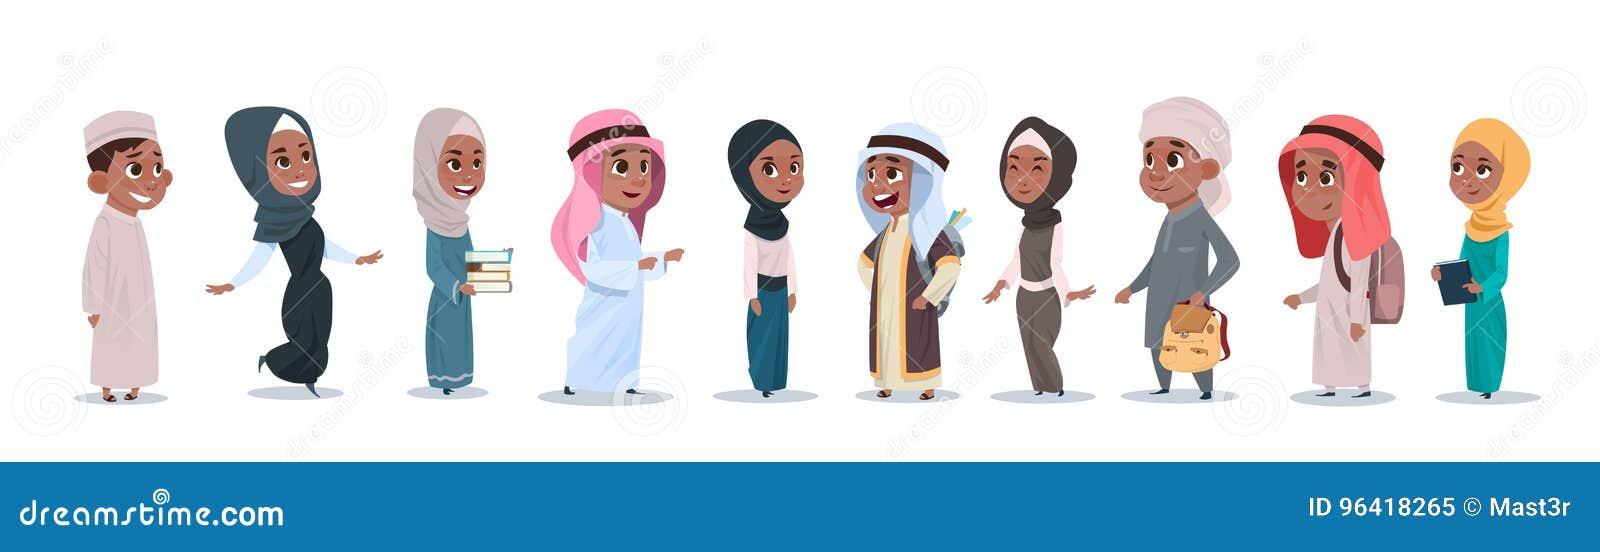 阿拉伯儿童女孩和男孩小组小动画片学生汇集穆斯林学生